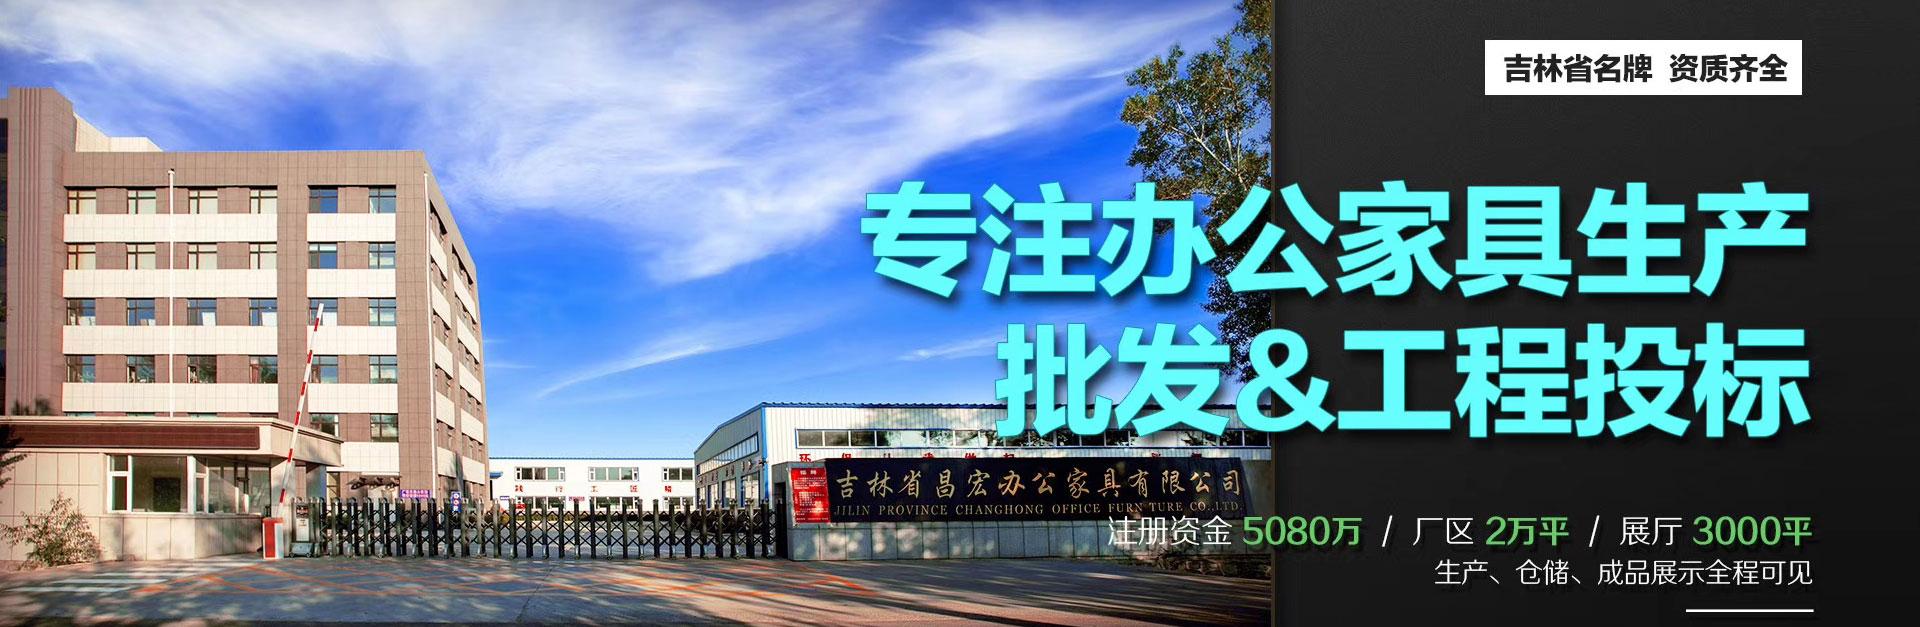 昌宏合办公家具